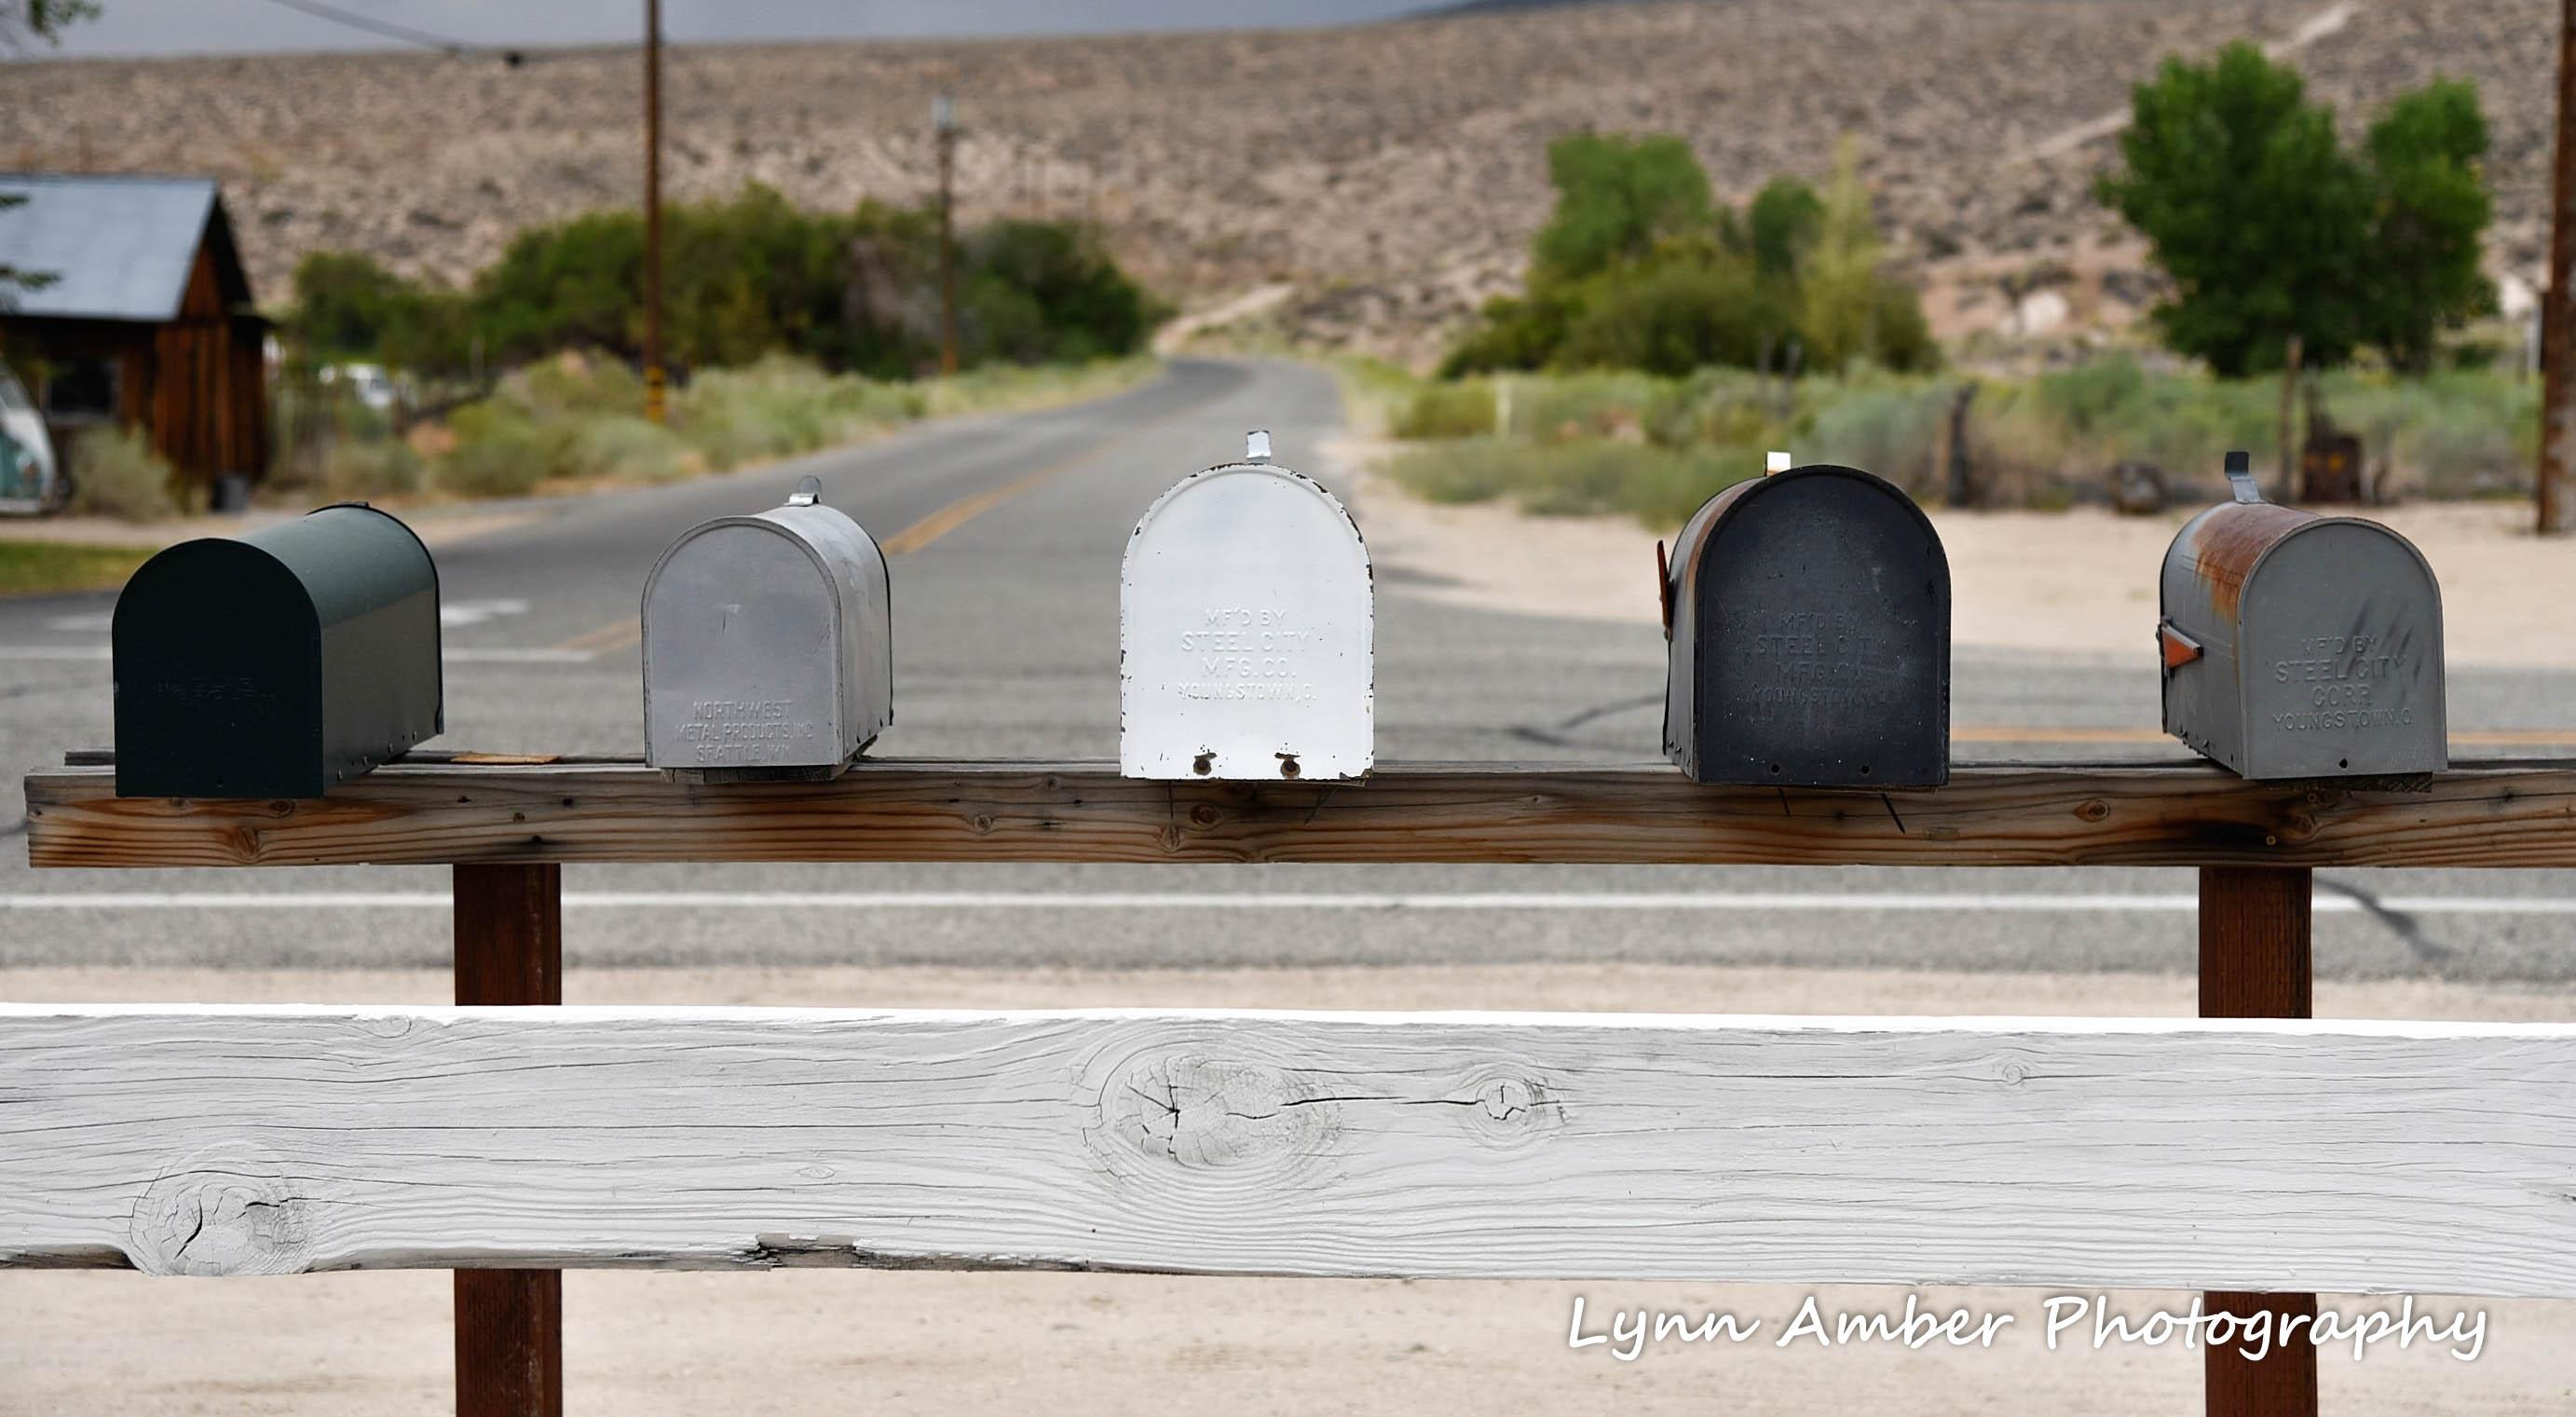 benton hot springs mailboxes eastern sierras 2016 (1 of 1)